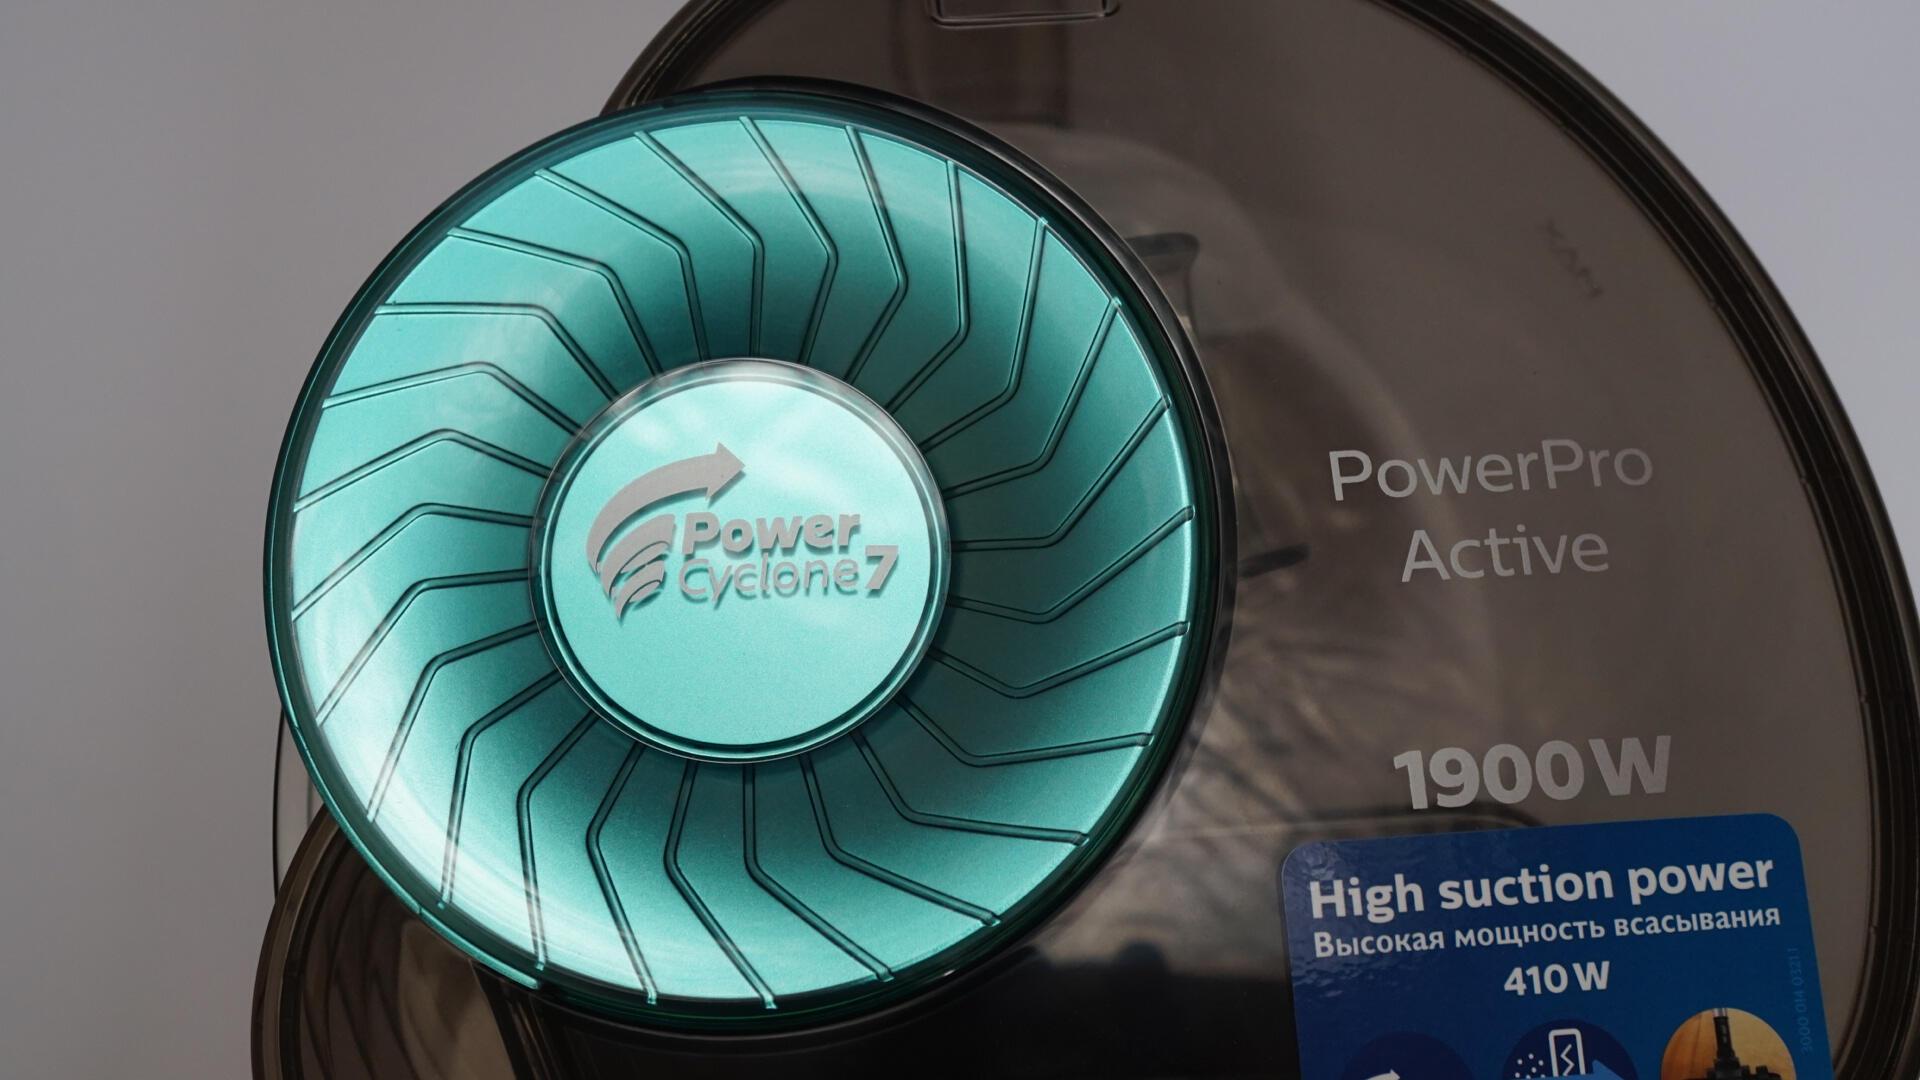 Bytovaya Tehnika - Obzor pylesosa Philips PowerPro Active FC9570